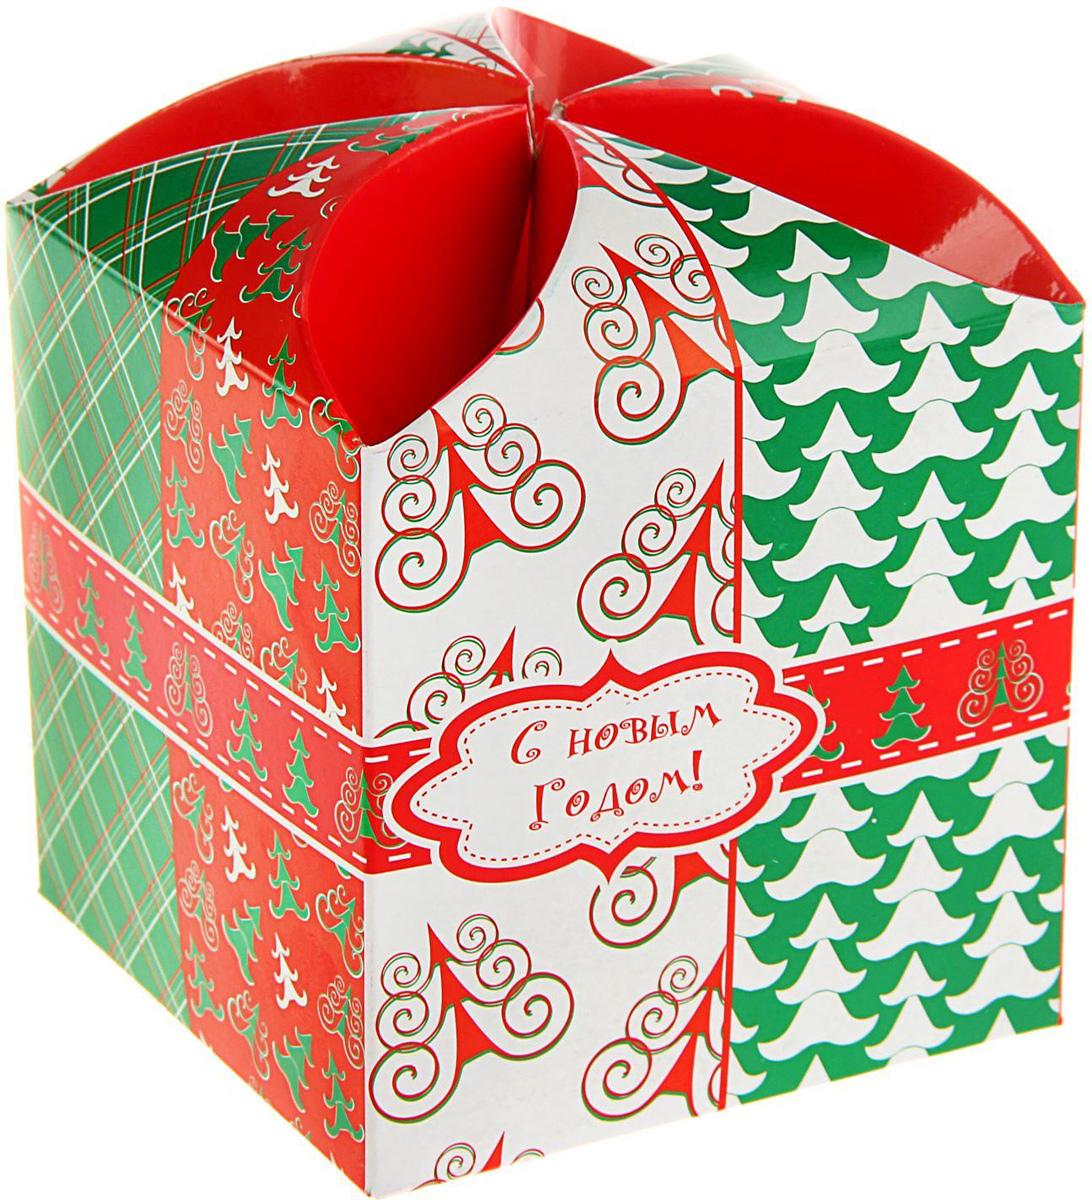 Коробка подарочная Sima-land Веселая елочка, сборная, 9 х 9 х 9,5 см1689941Любой подарок начинается с упаковки. Что может быть трогательнее и волшебнее, чем ритуал разворачивания полученного презента. И именно оригинальная, со вкусом выбранная упаковка выделит ваш подарок из массы других. Подарочная сборная коробка Sima-land продемонстрирует самые теплые чувства к виновнику торжества и создаст сказочную атмосферу праздника.